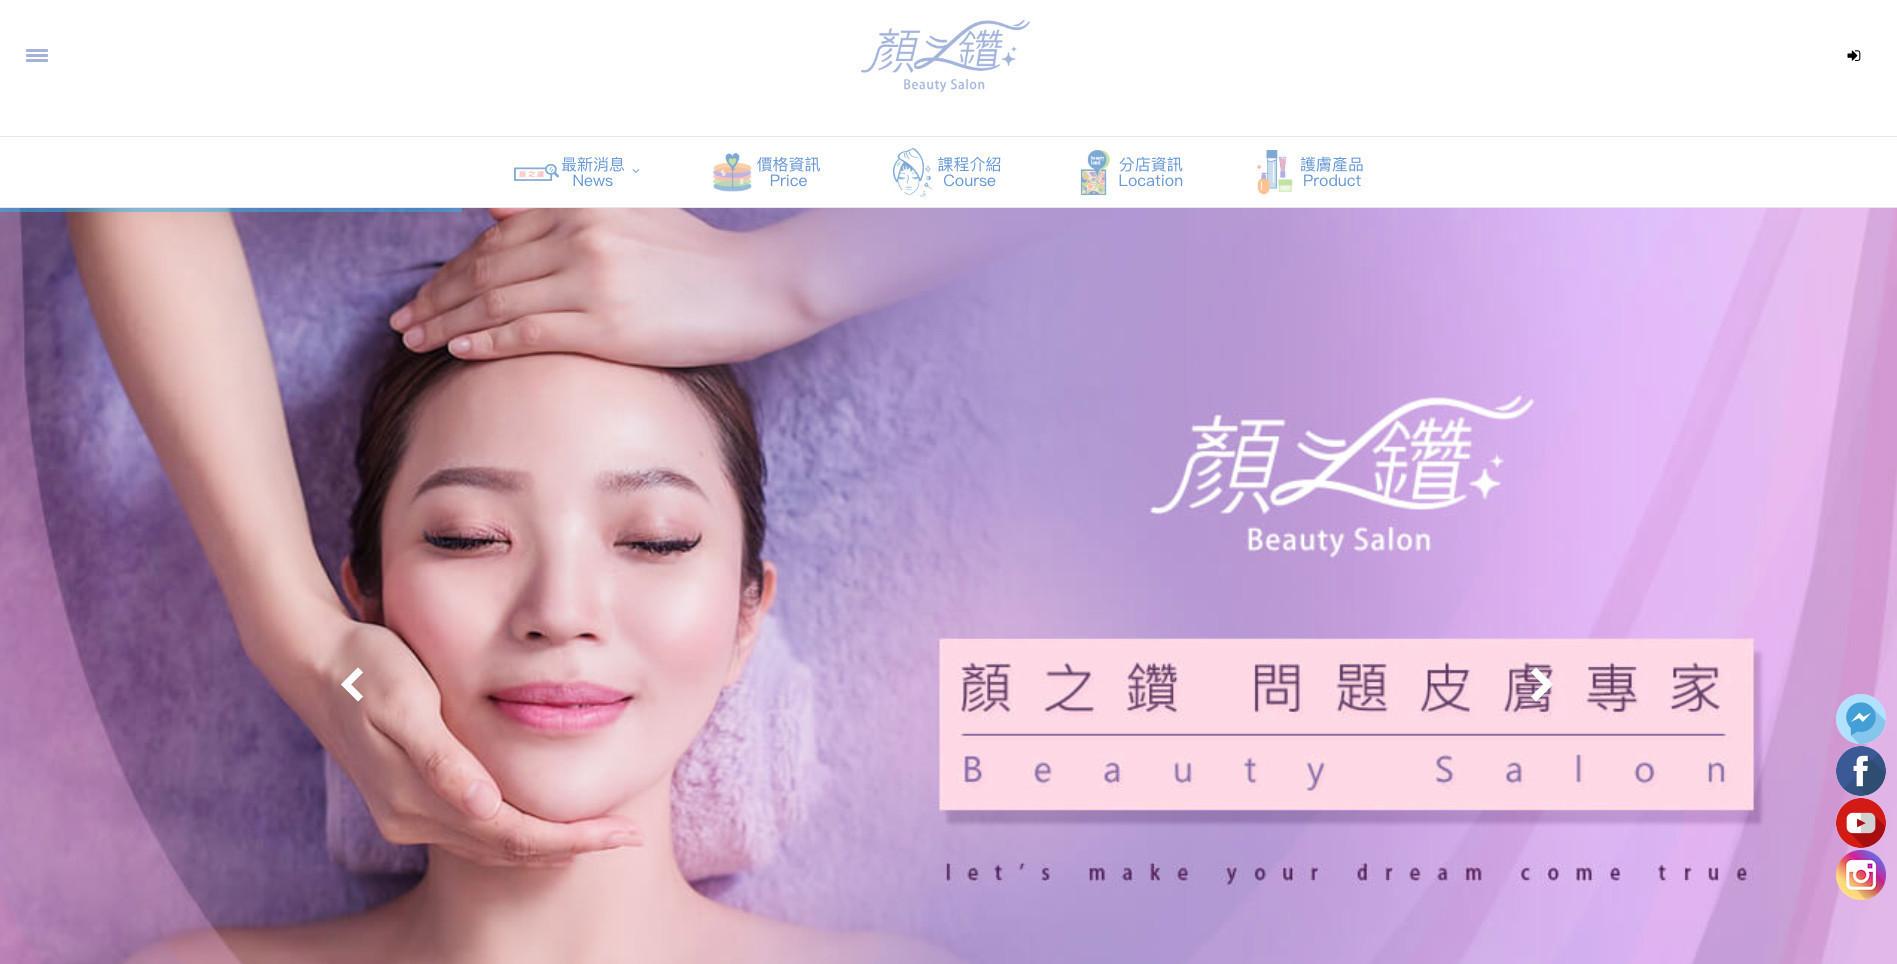 鯊客科技SEO網站設計成功案例|顏之鑽 Beauty Salon高雄痘痘肌美容護膚做臉專家